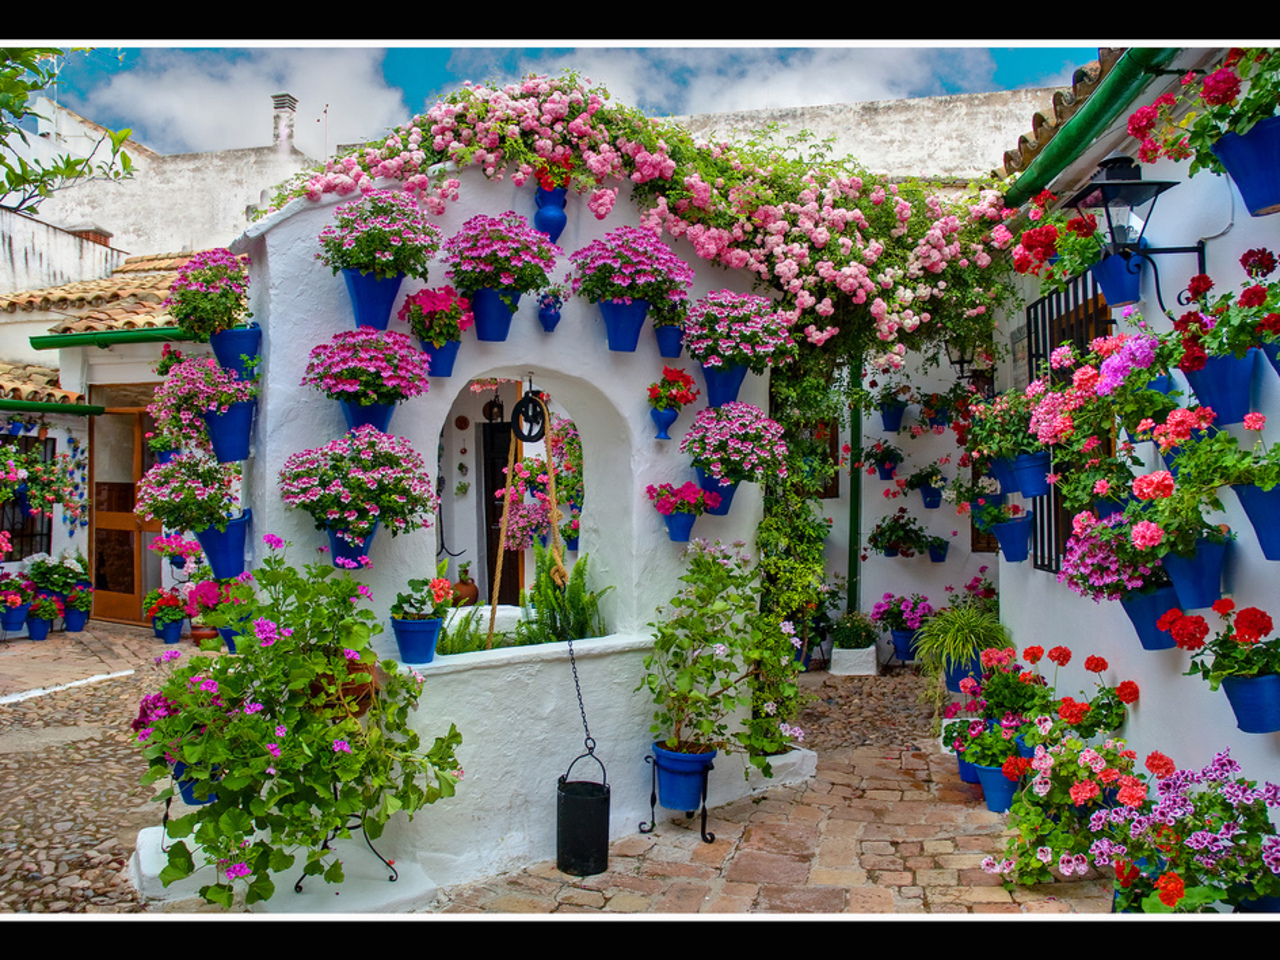 Цветы в городе картинки фото